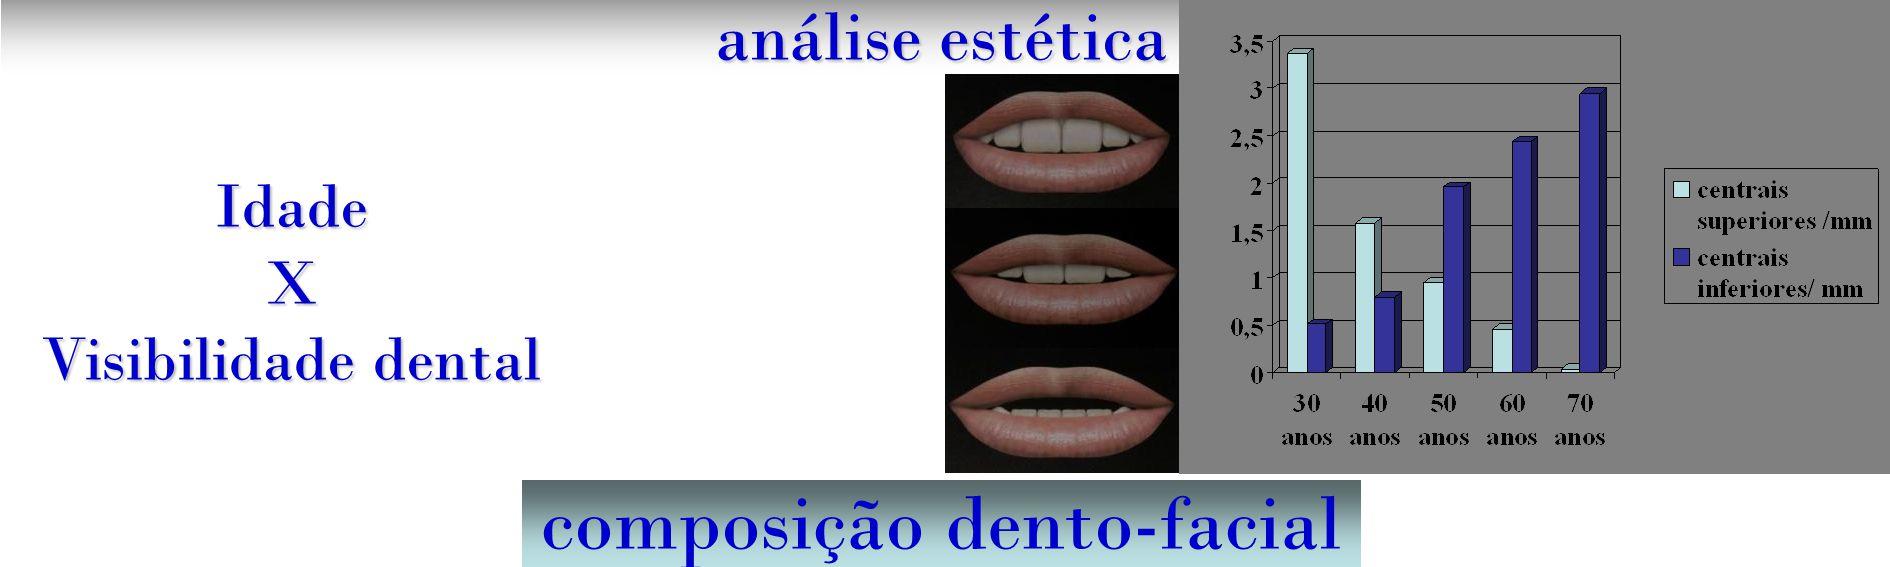 composição dento-facial análise estética IdadeX Visibilidade dental